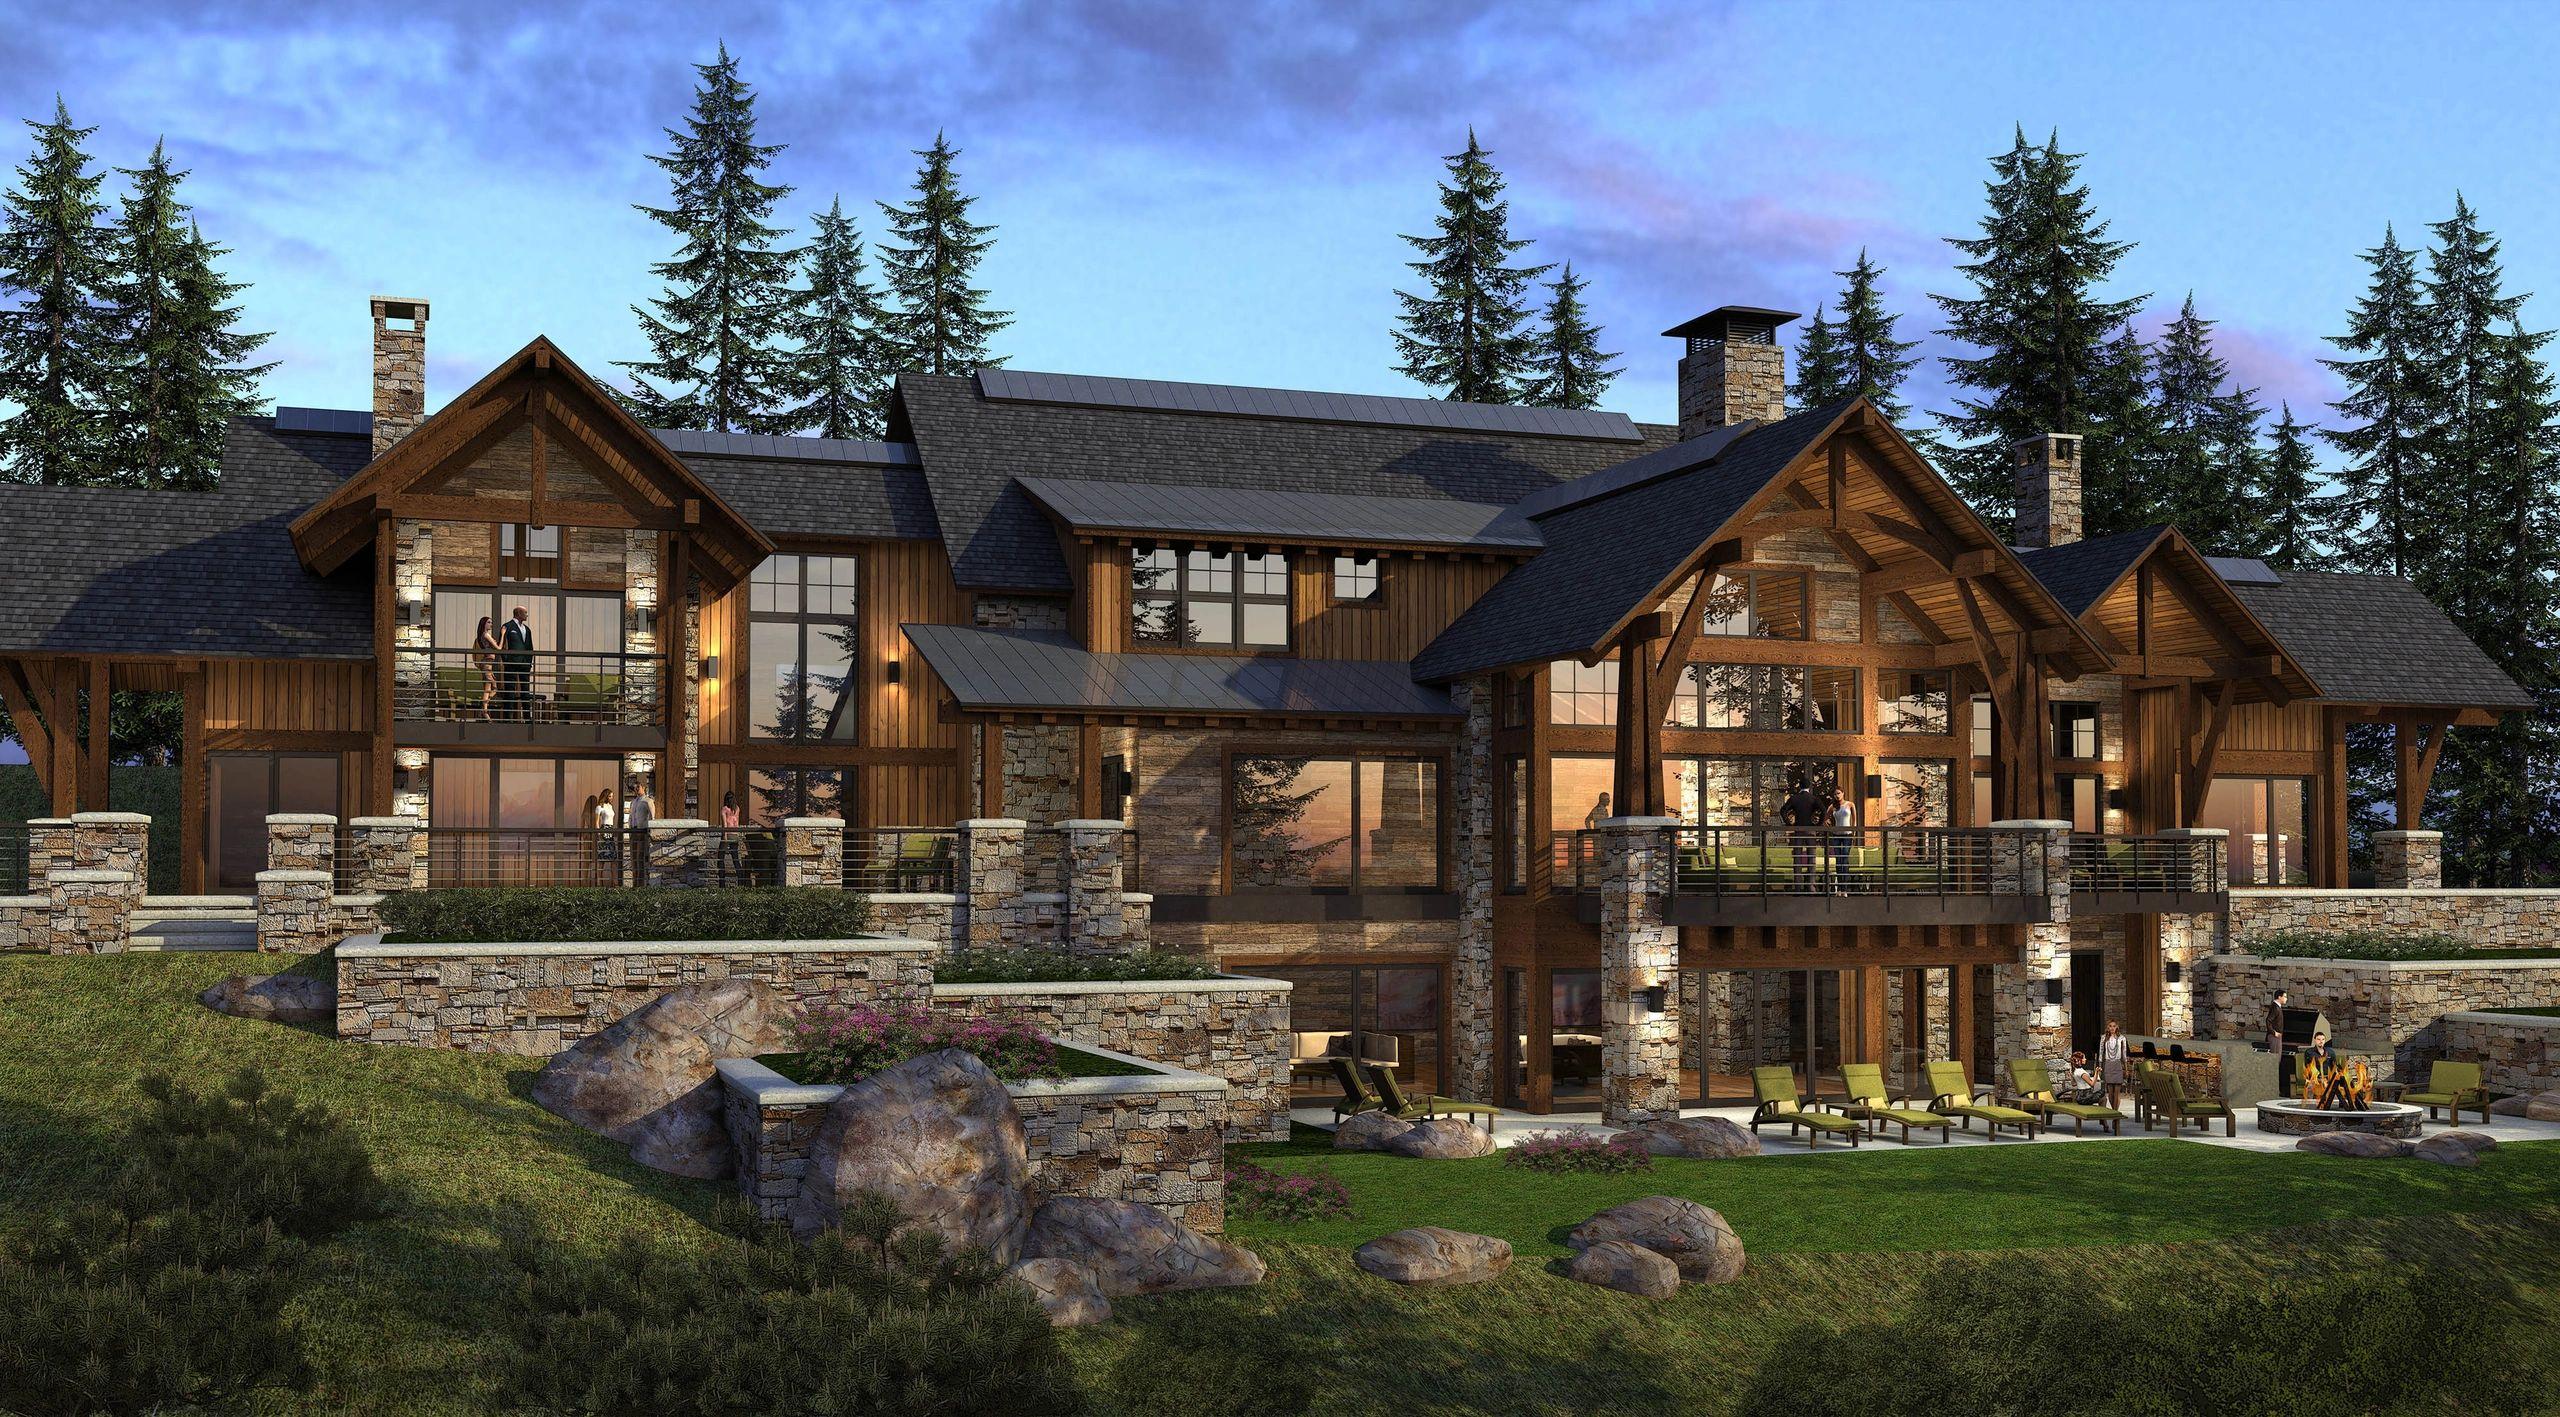 Utah Custom Home Plans: Brent Chamberlain Design